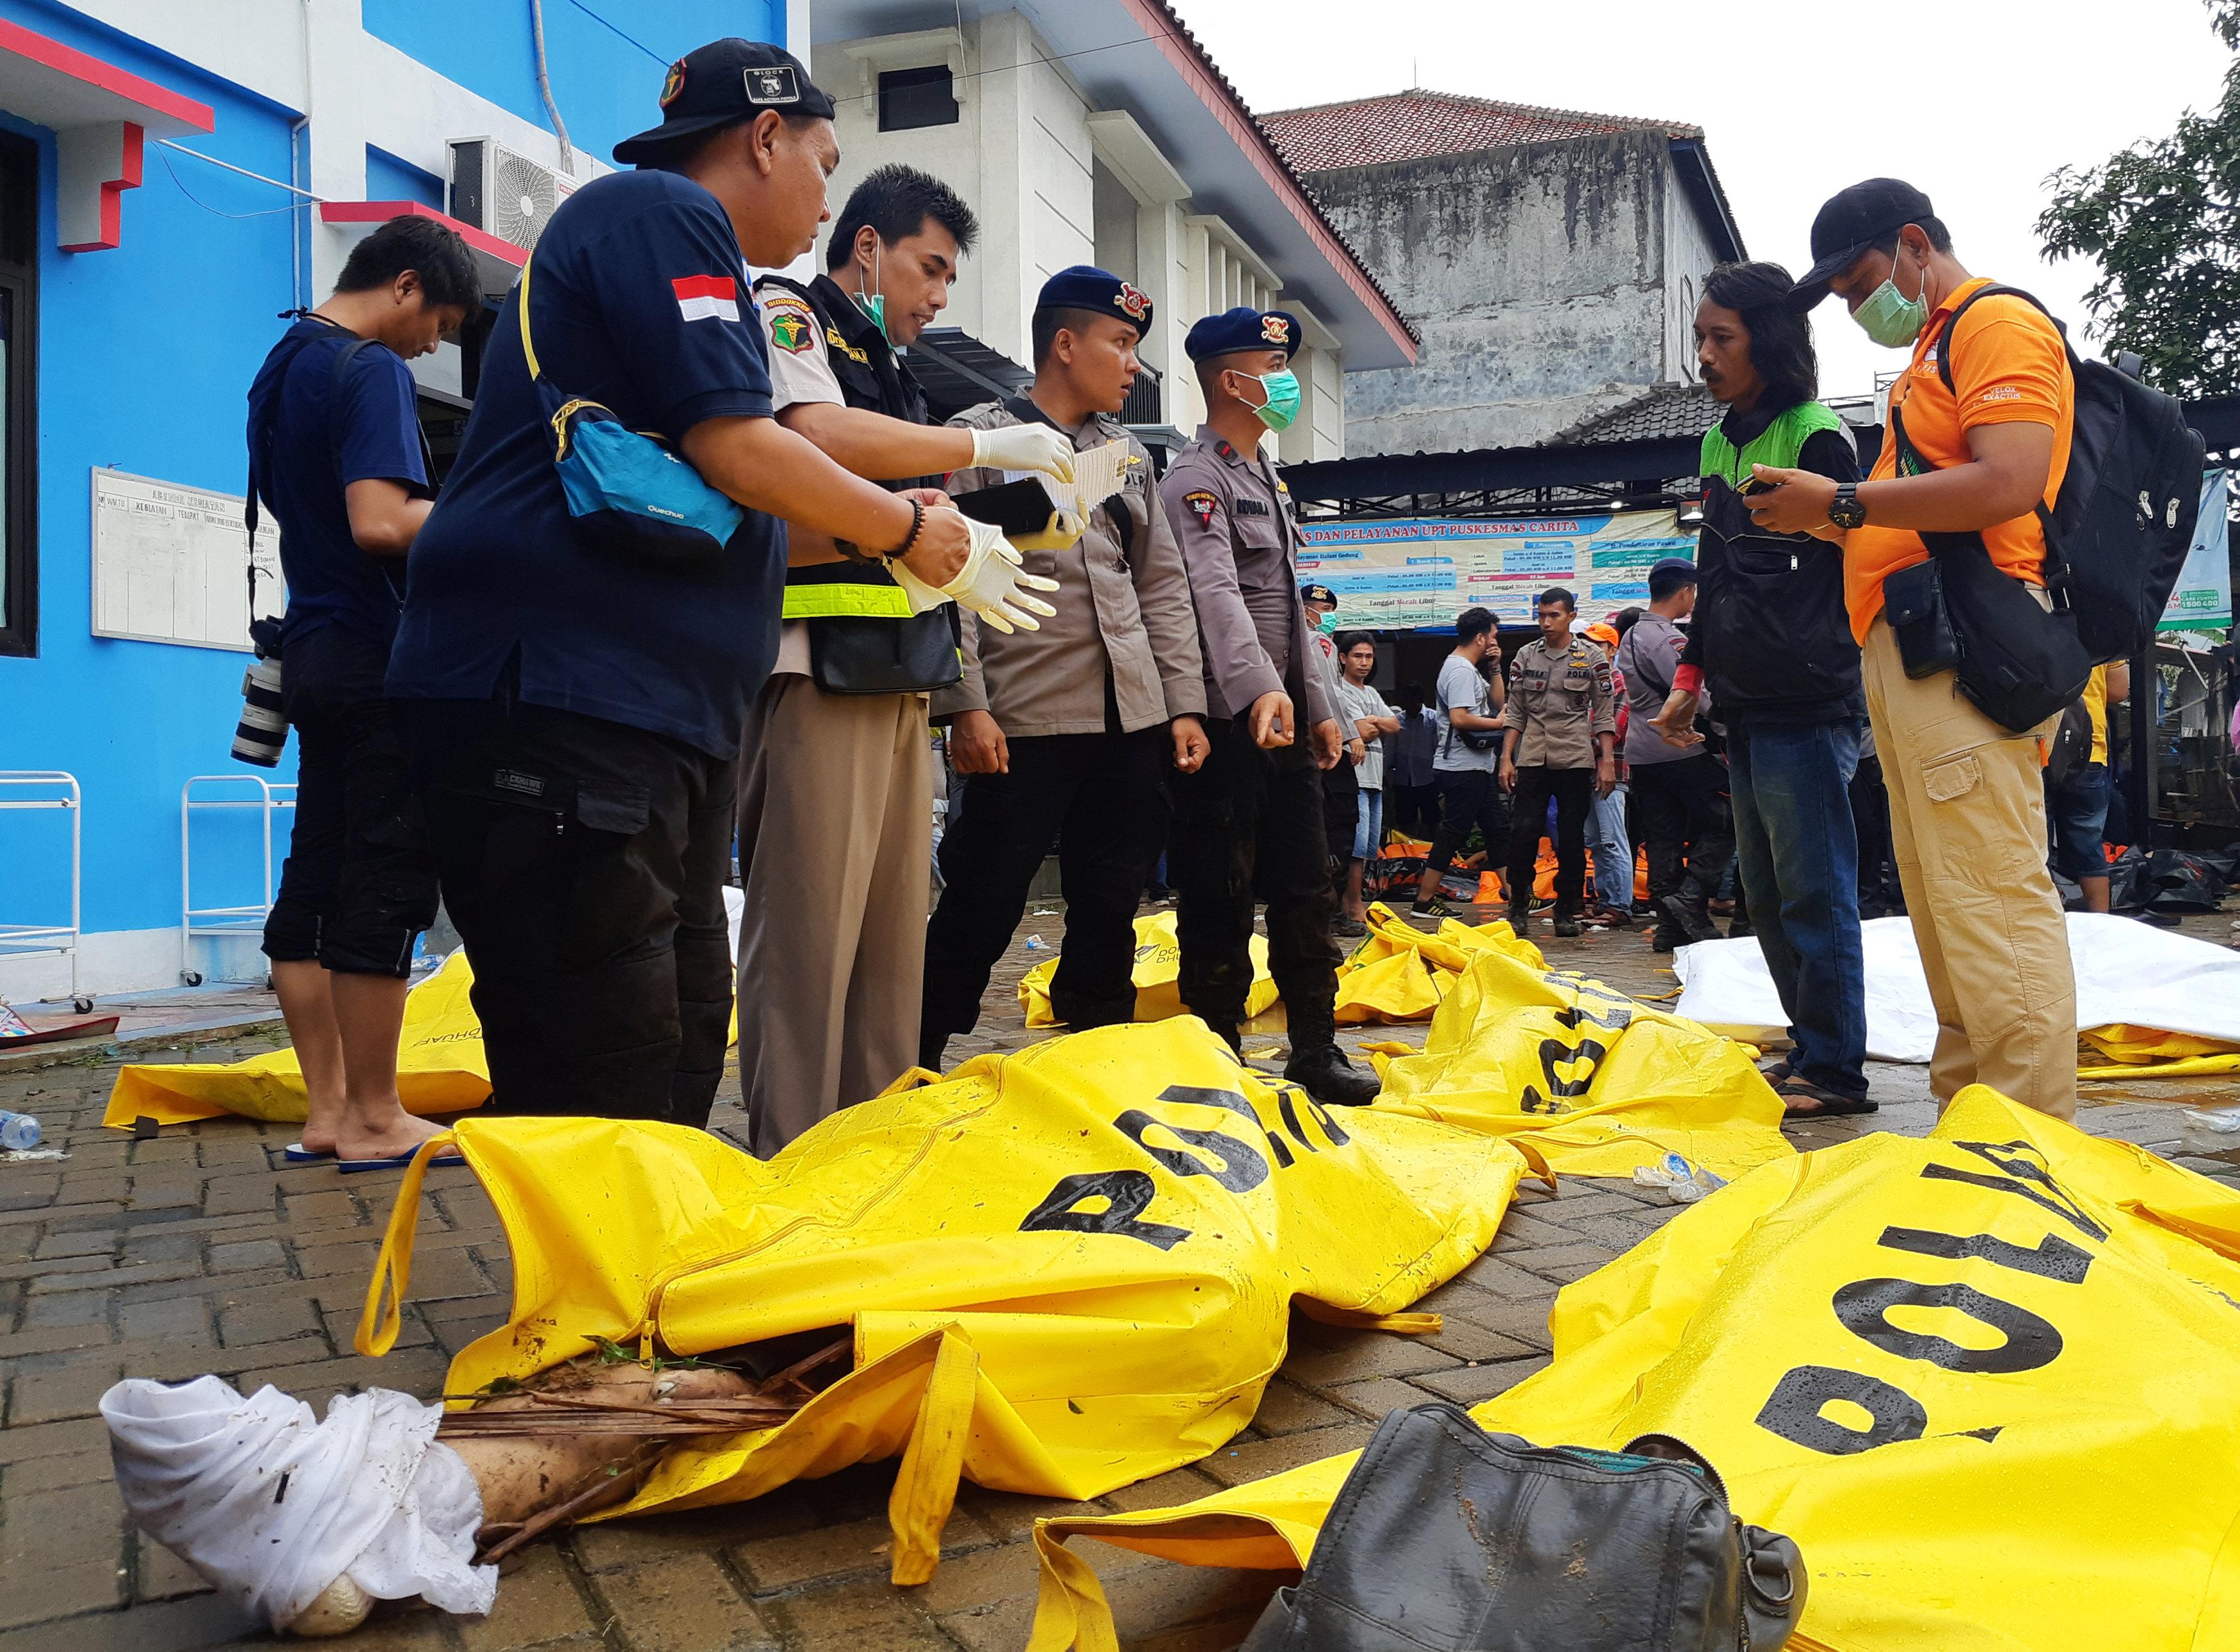 Rescatistas y policías coordinan la búsqueda de los familiares y el reconocimiento de las víctimas